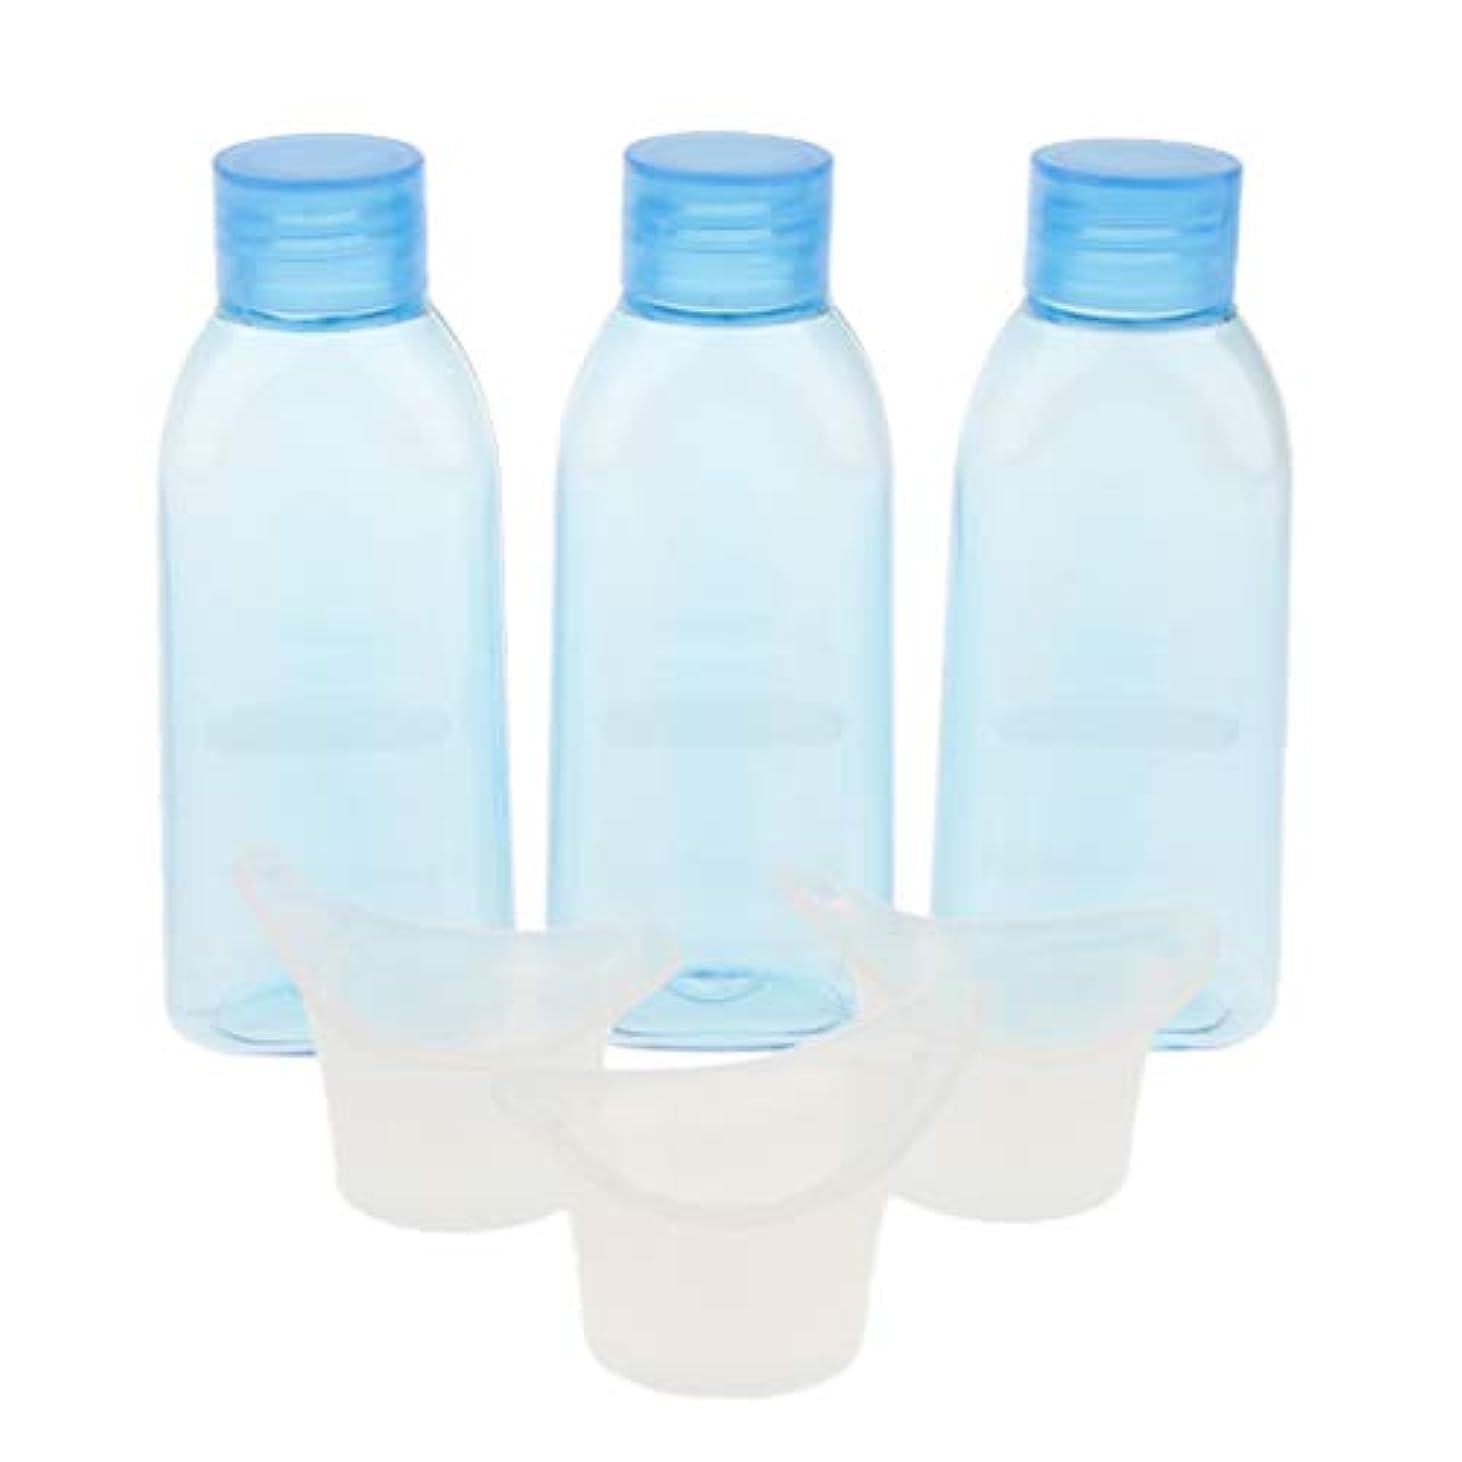 認める講師脅迫3セット アイスウォッシュ ボトル カップ 洗浄用 洗眼容器 2サイズ選べ - 100ミリリットル